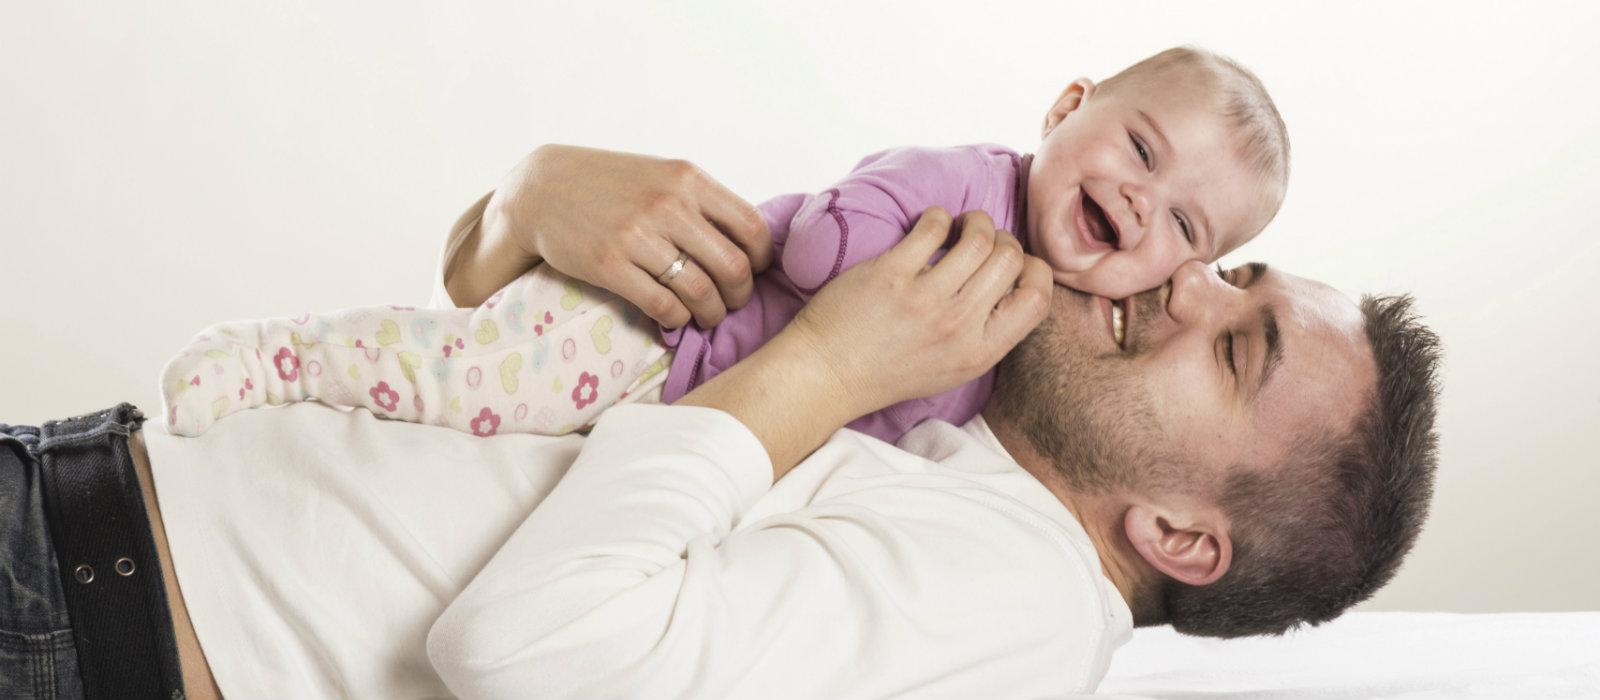 dimostrare l'affetto ai figli con piccoli gesti